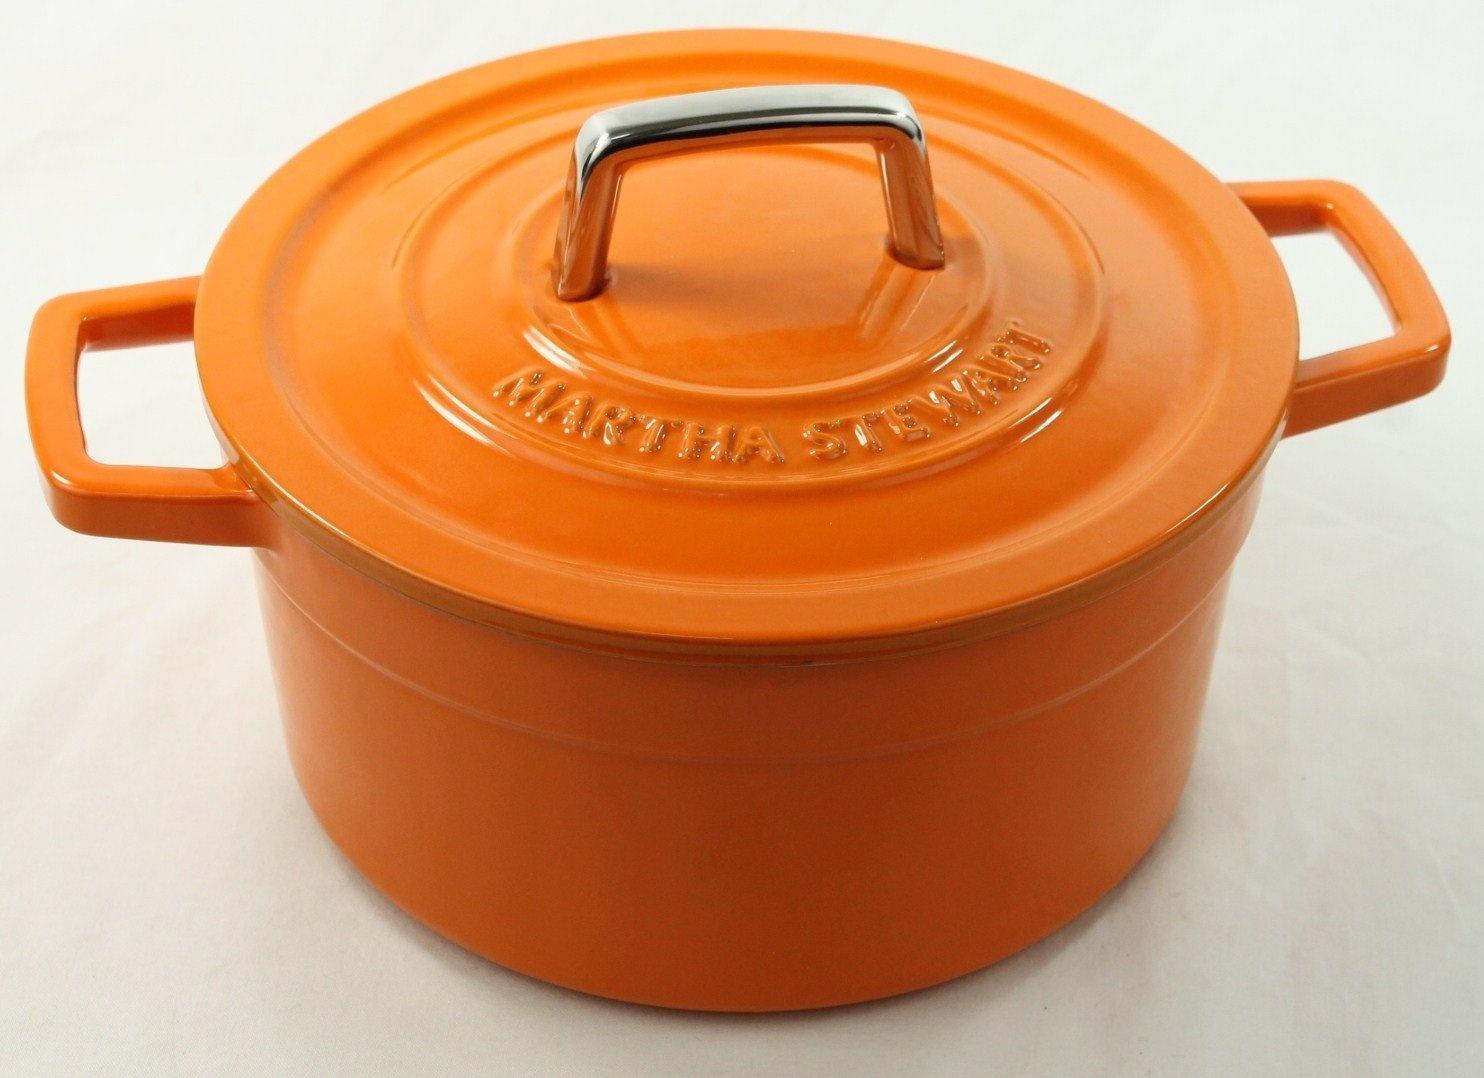 【並行輸入品】マーサ・スチュワートコレクション エナメル 鋳鉄 丸型 キャセロール 3Qt (オレンジ)